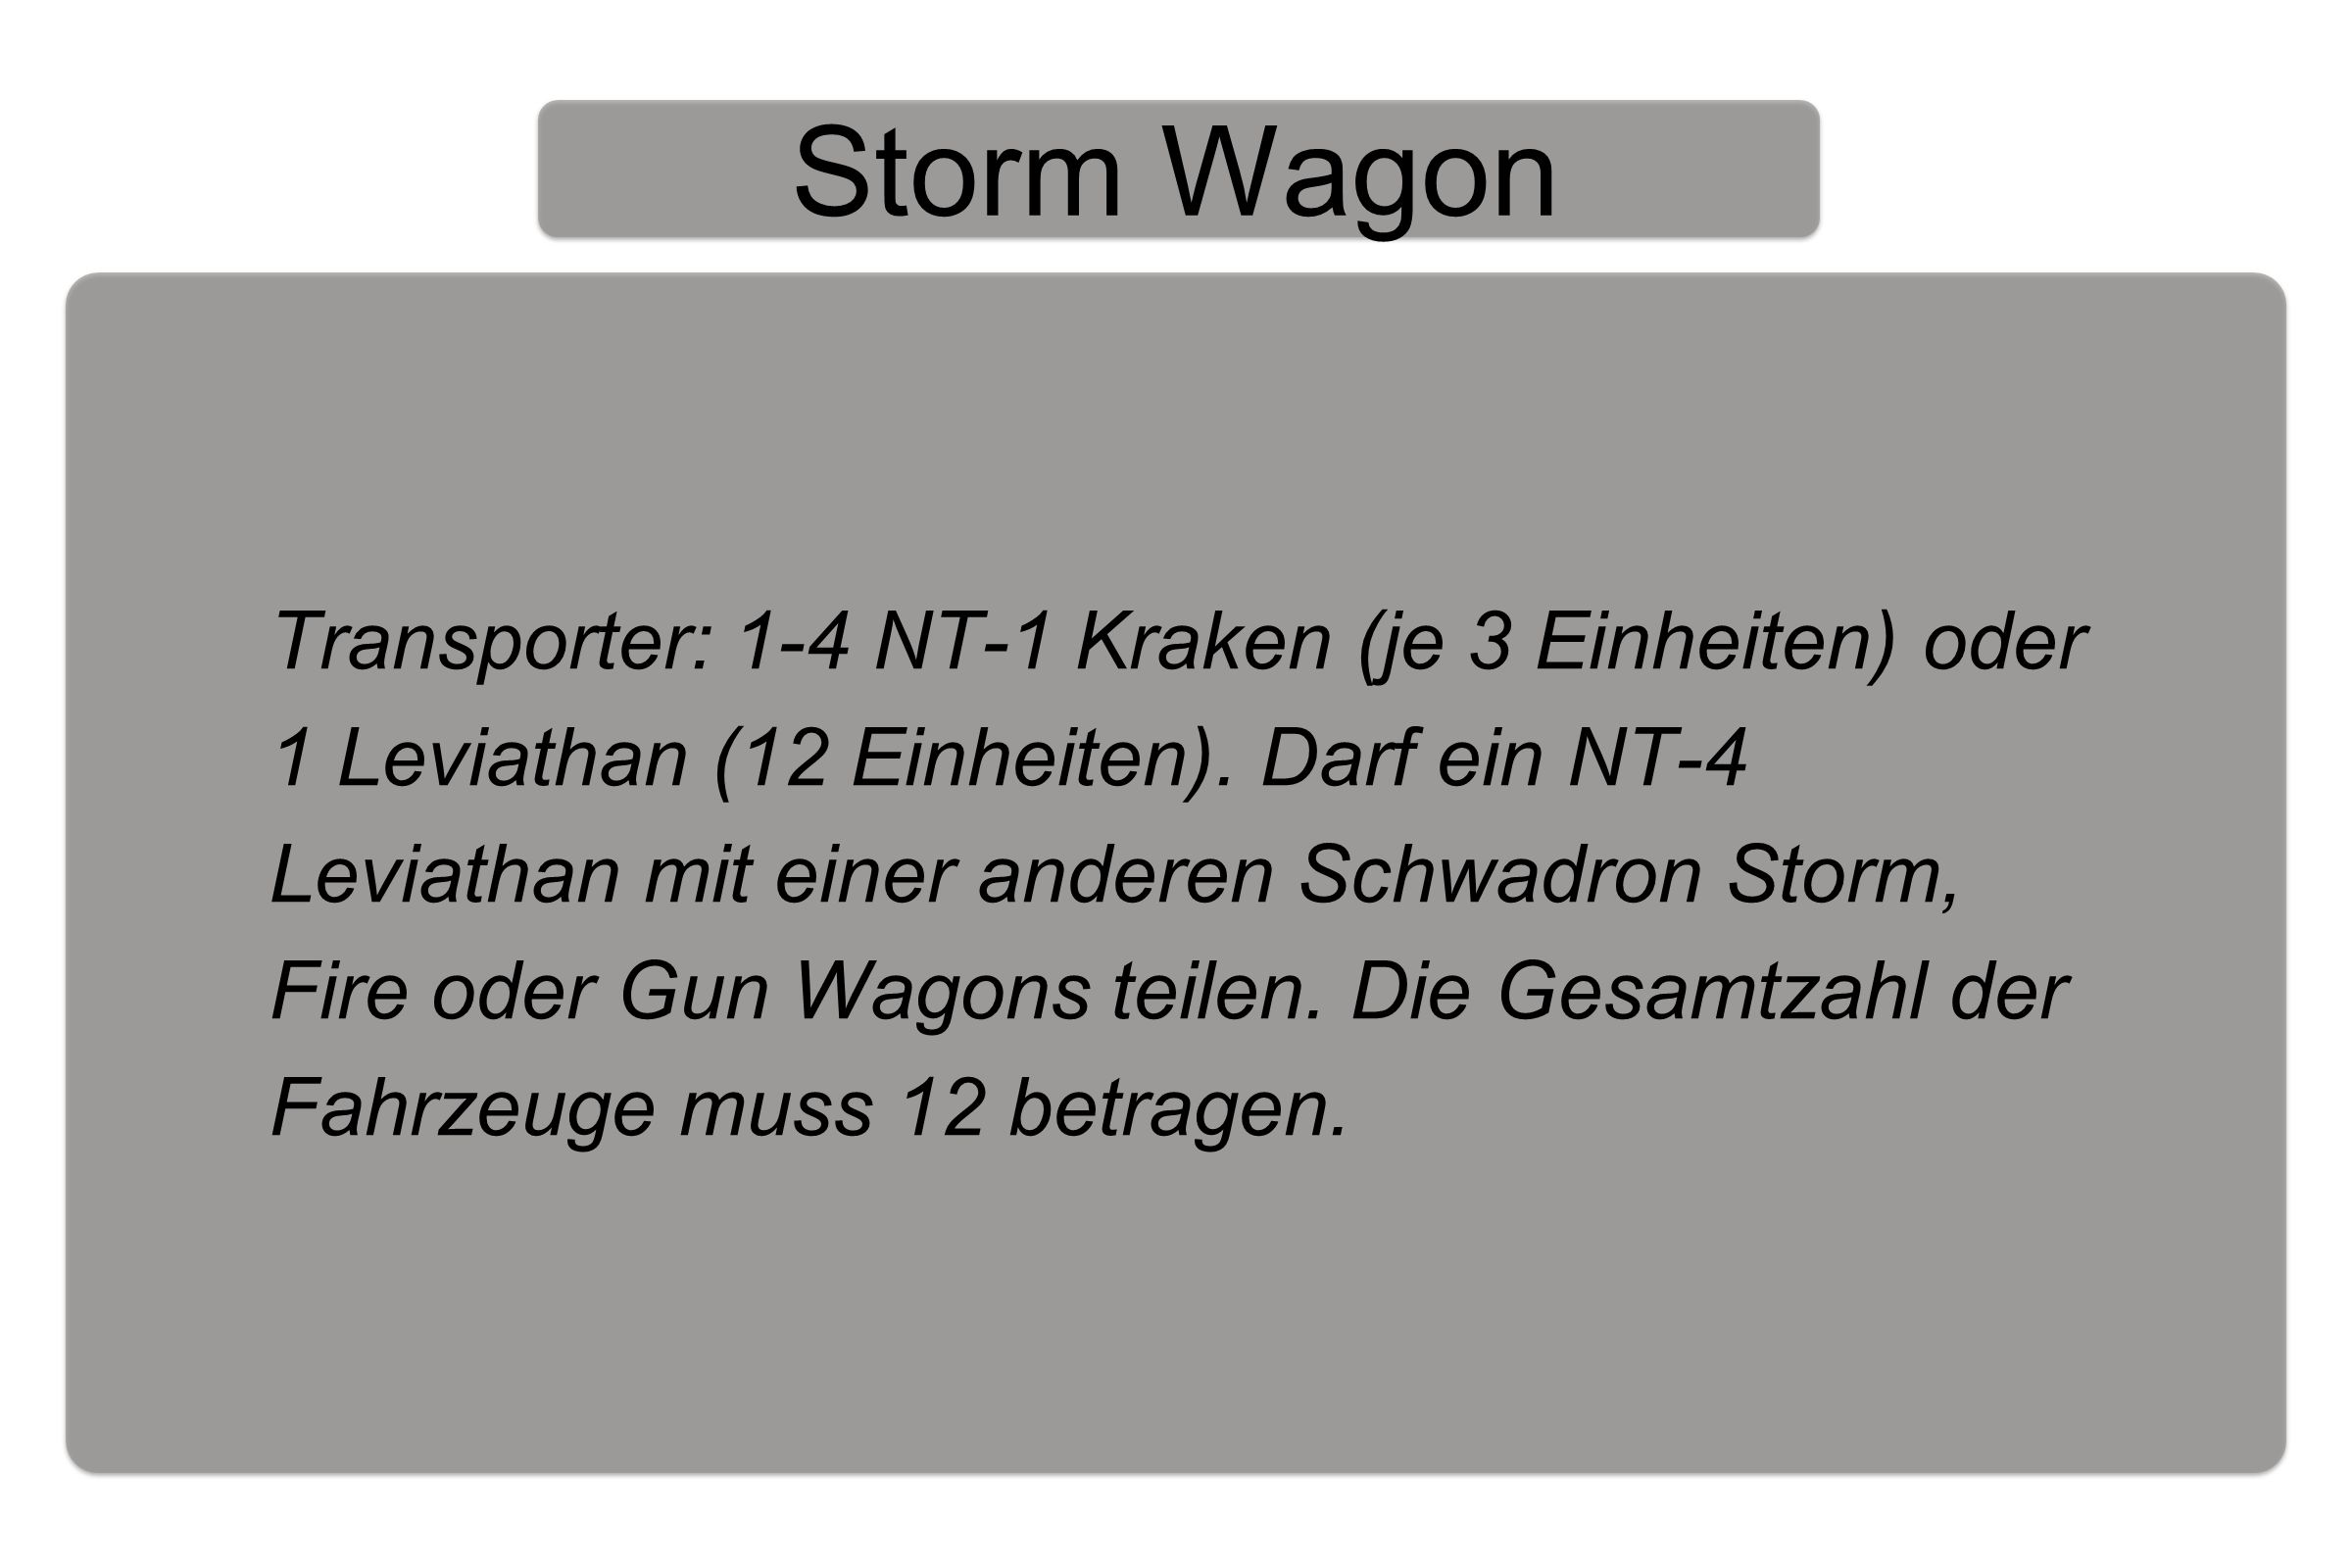 Storm Wagon Transporter: 1-4 NT-1 Kraken (je 3 Einheiten) oder 1 Leviathan (12 Einheiten).